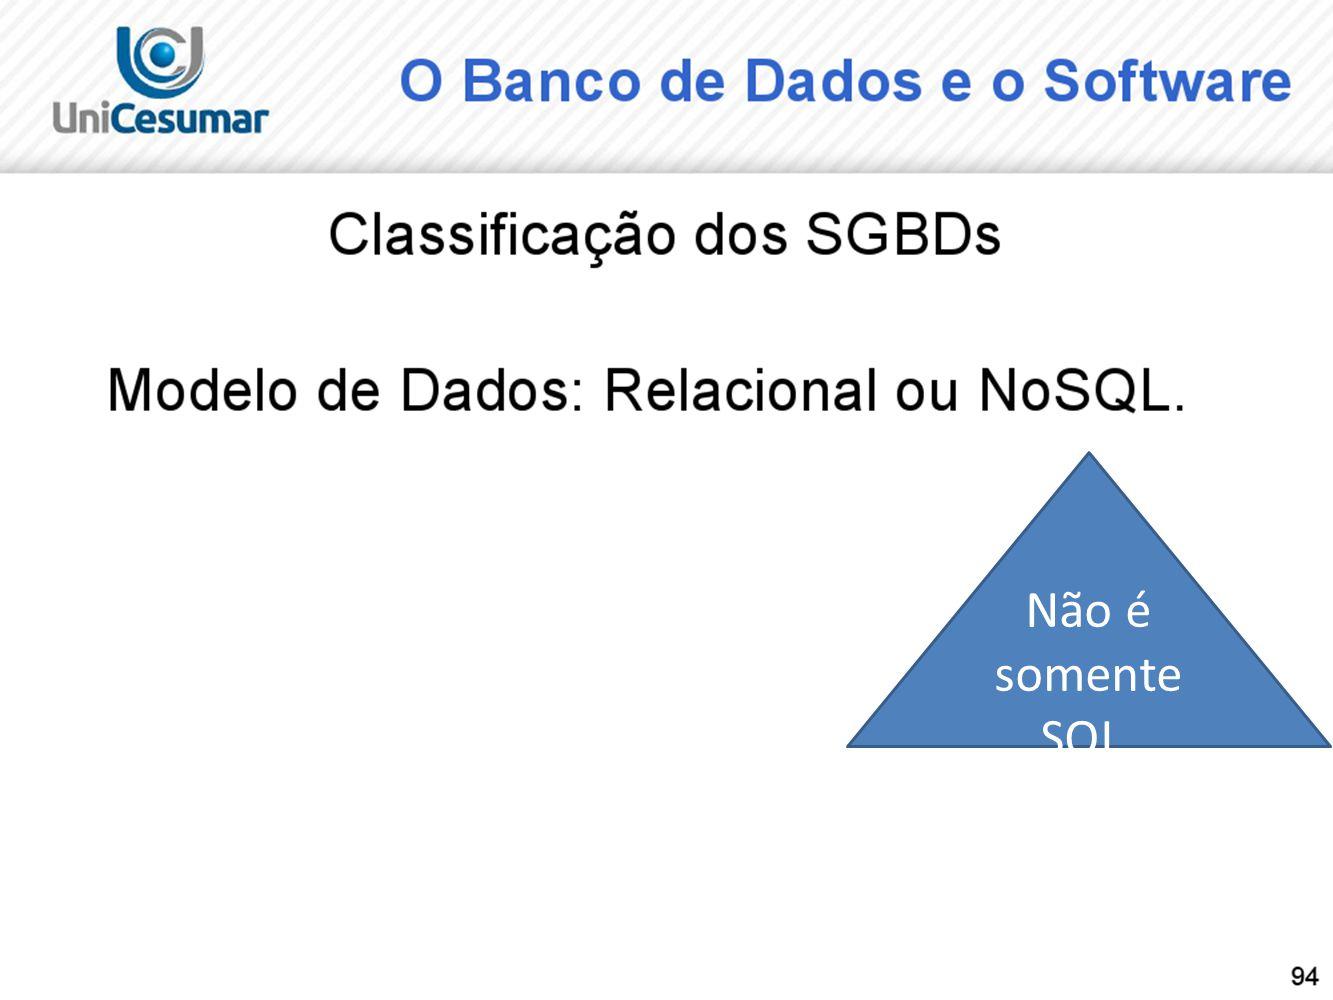 Não é somente SQL.